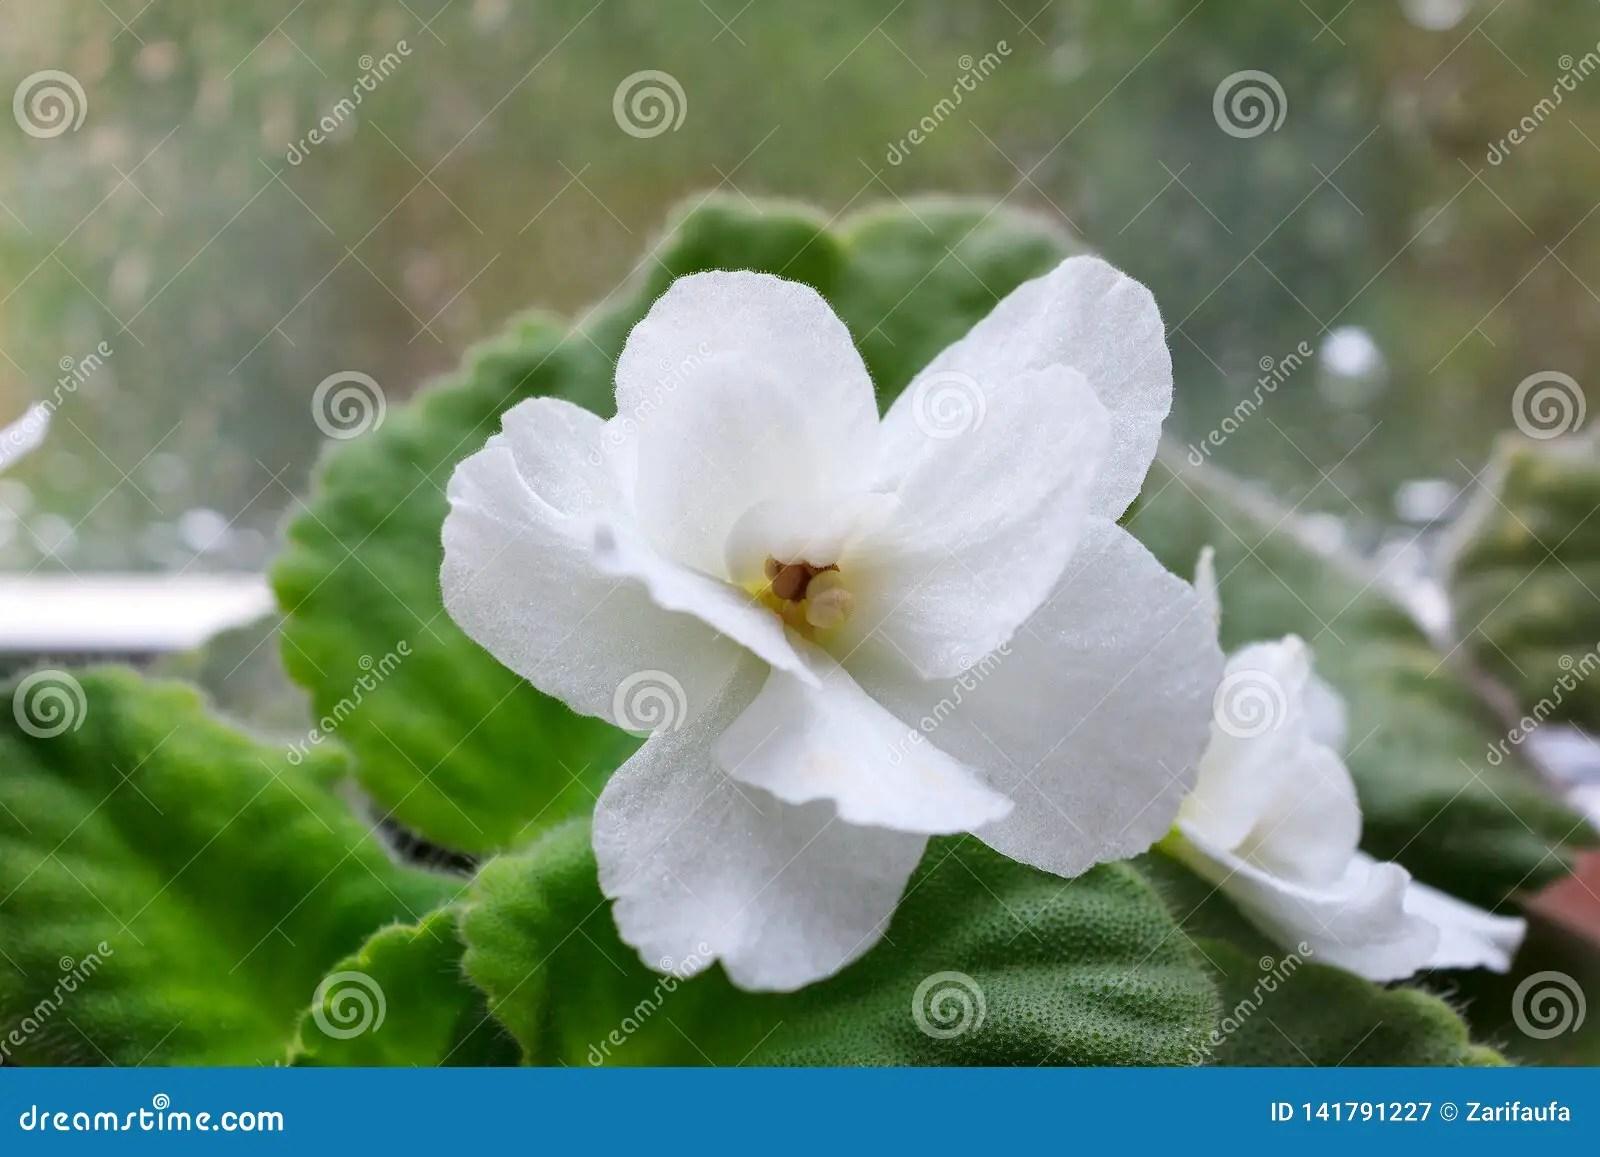 fleur blanche de saintpaulia de plante